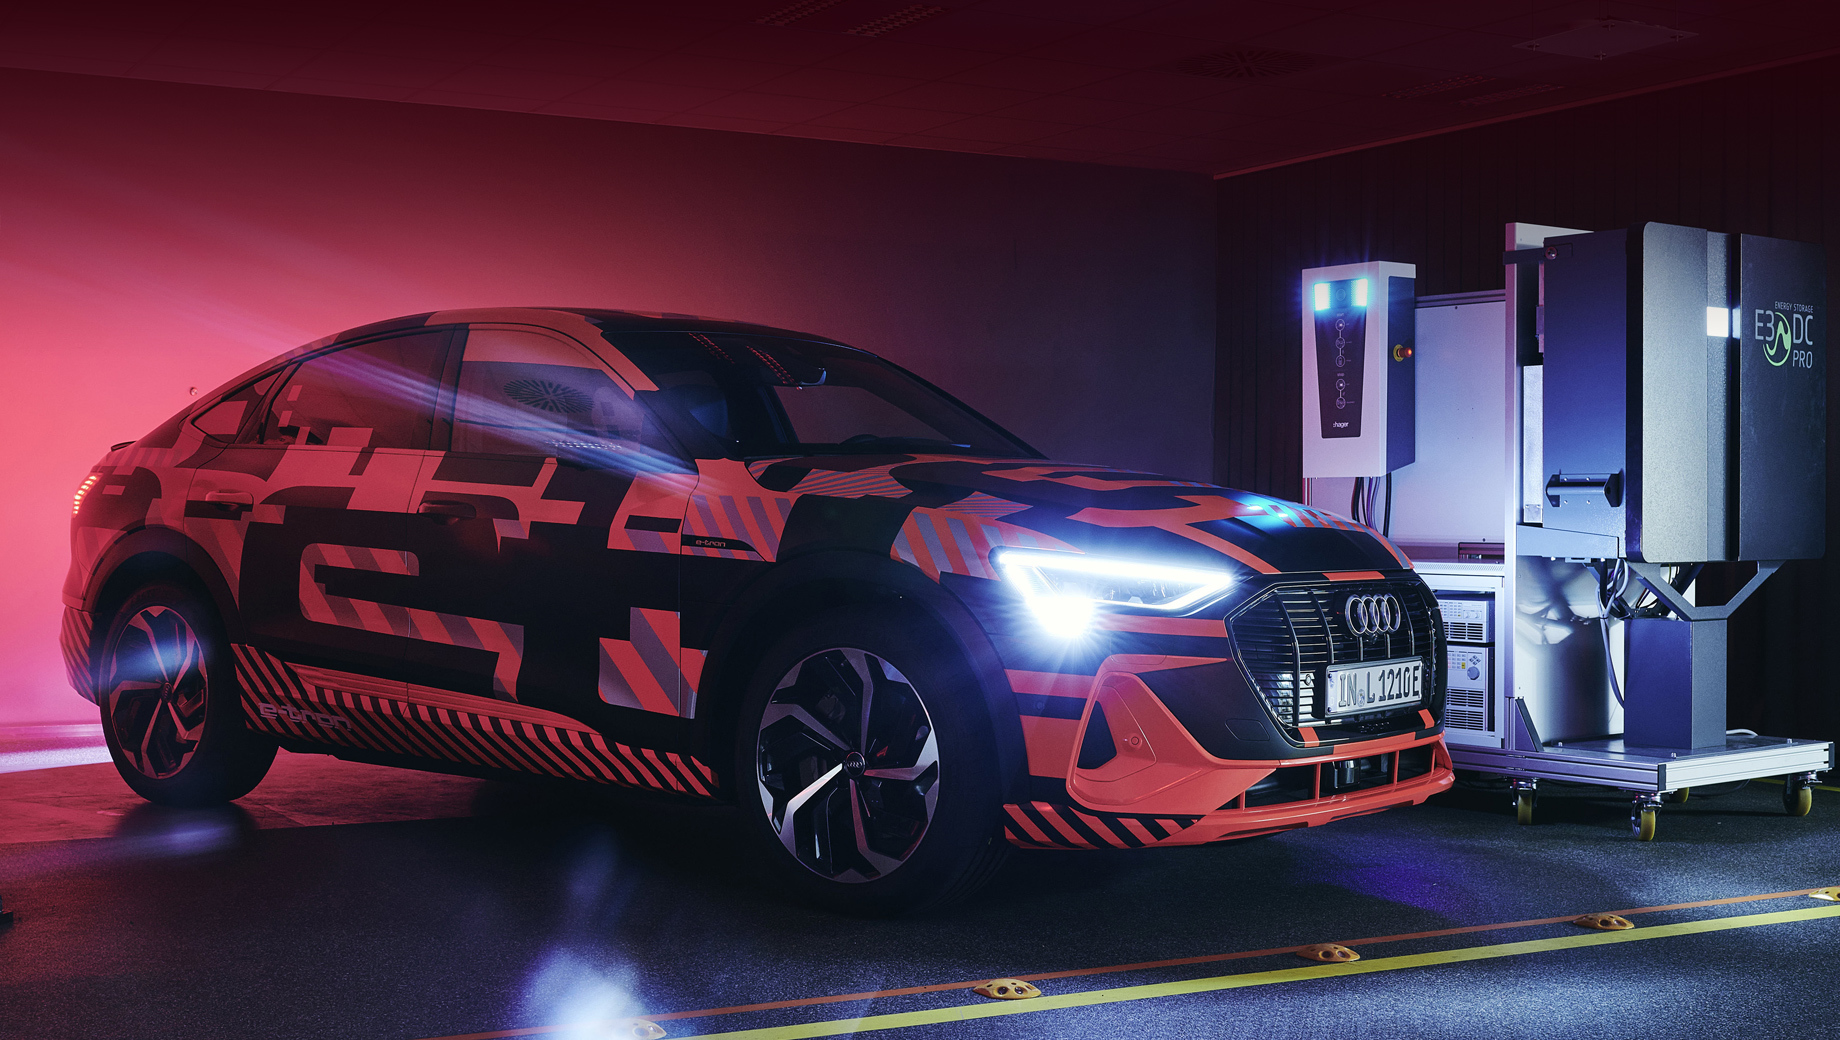 Фирма Audi запустила проект по двунаправленной зарядке